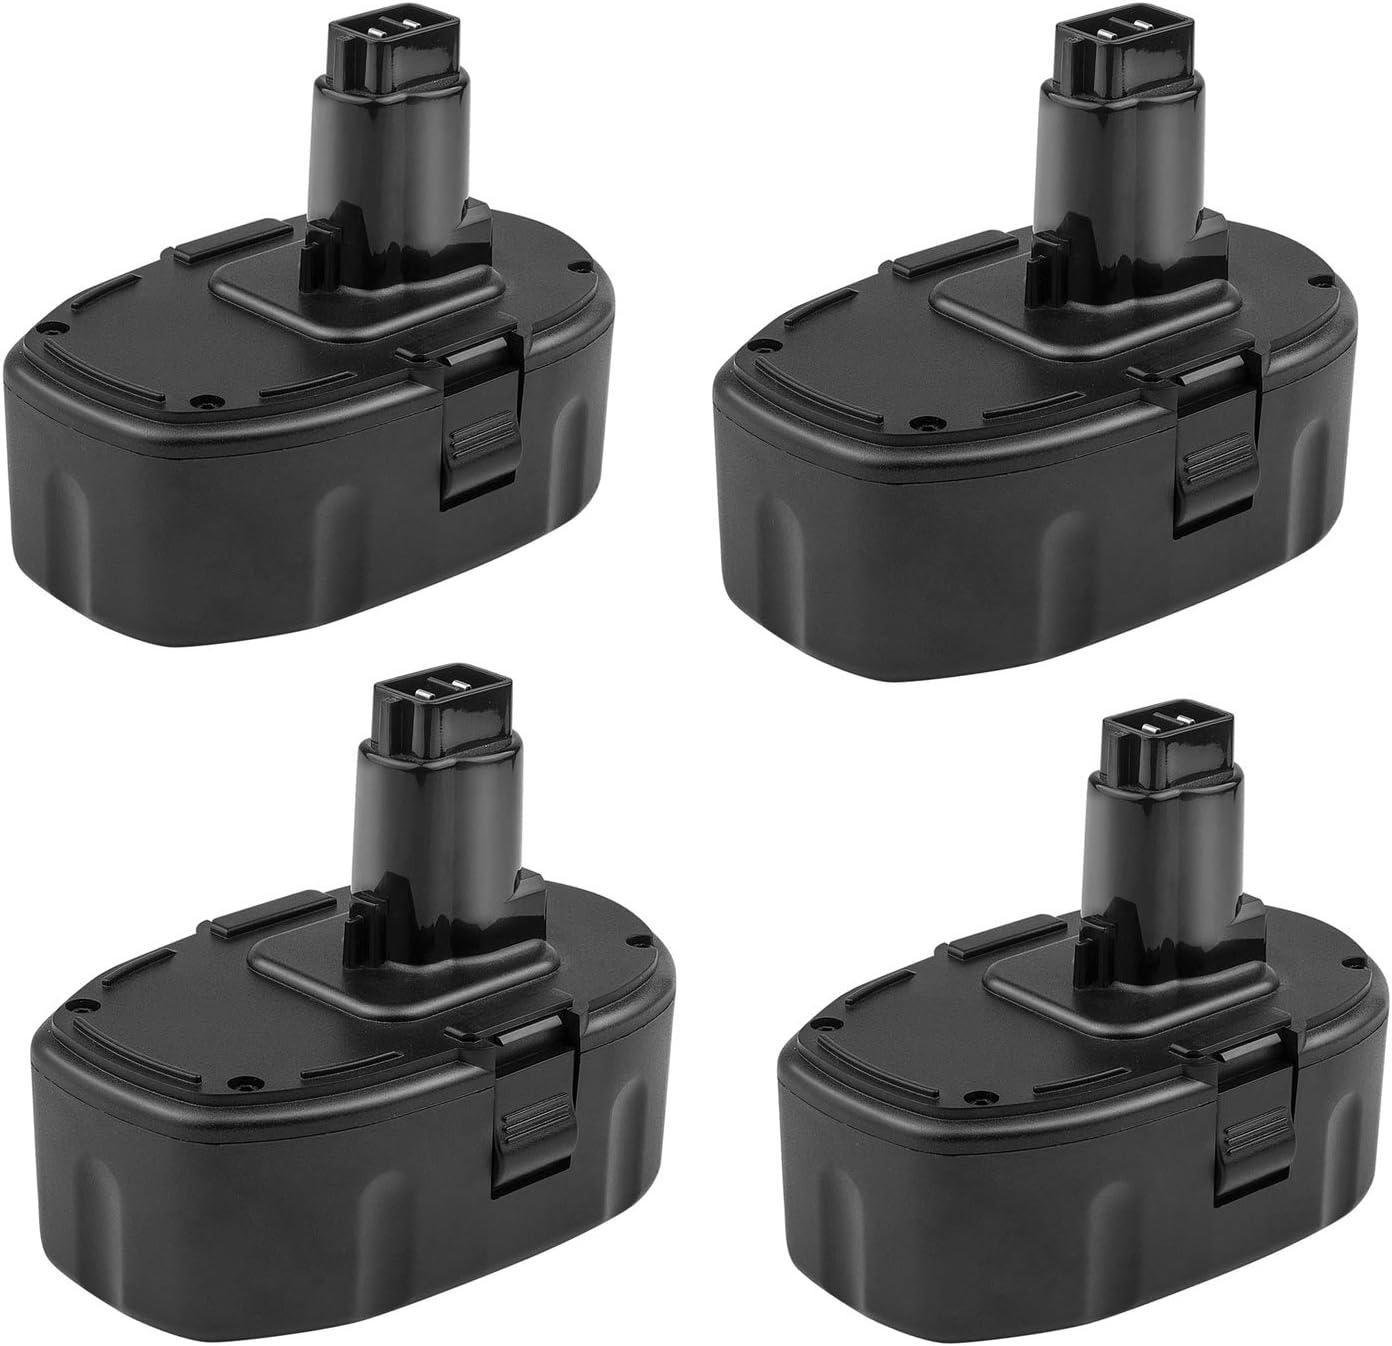 6.0Ah 18V Battery Compatible 現品 with XRP Dewalt 18v Cordles ストアー